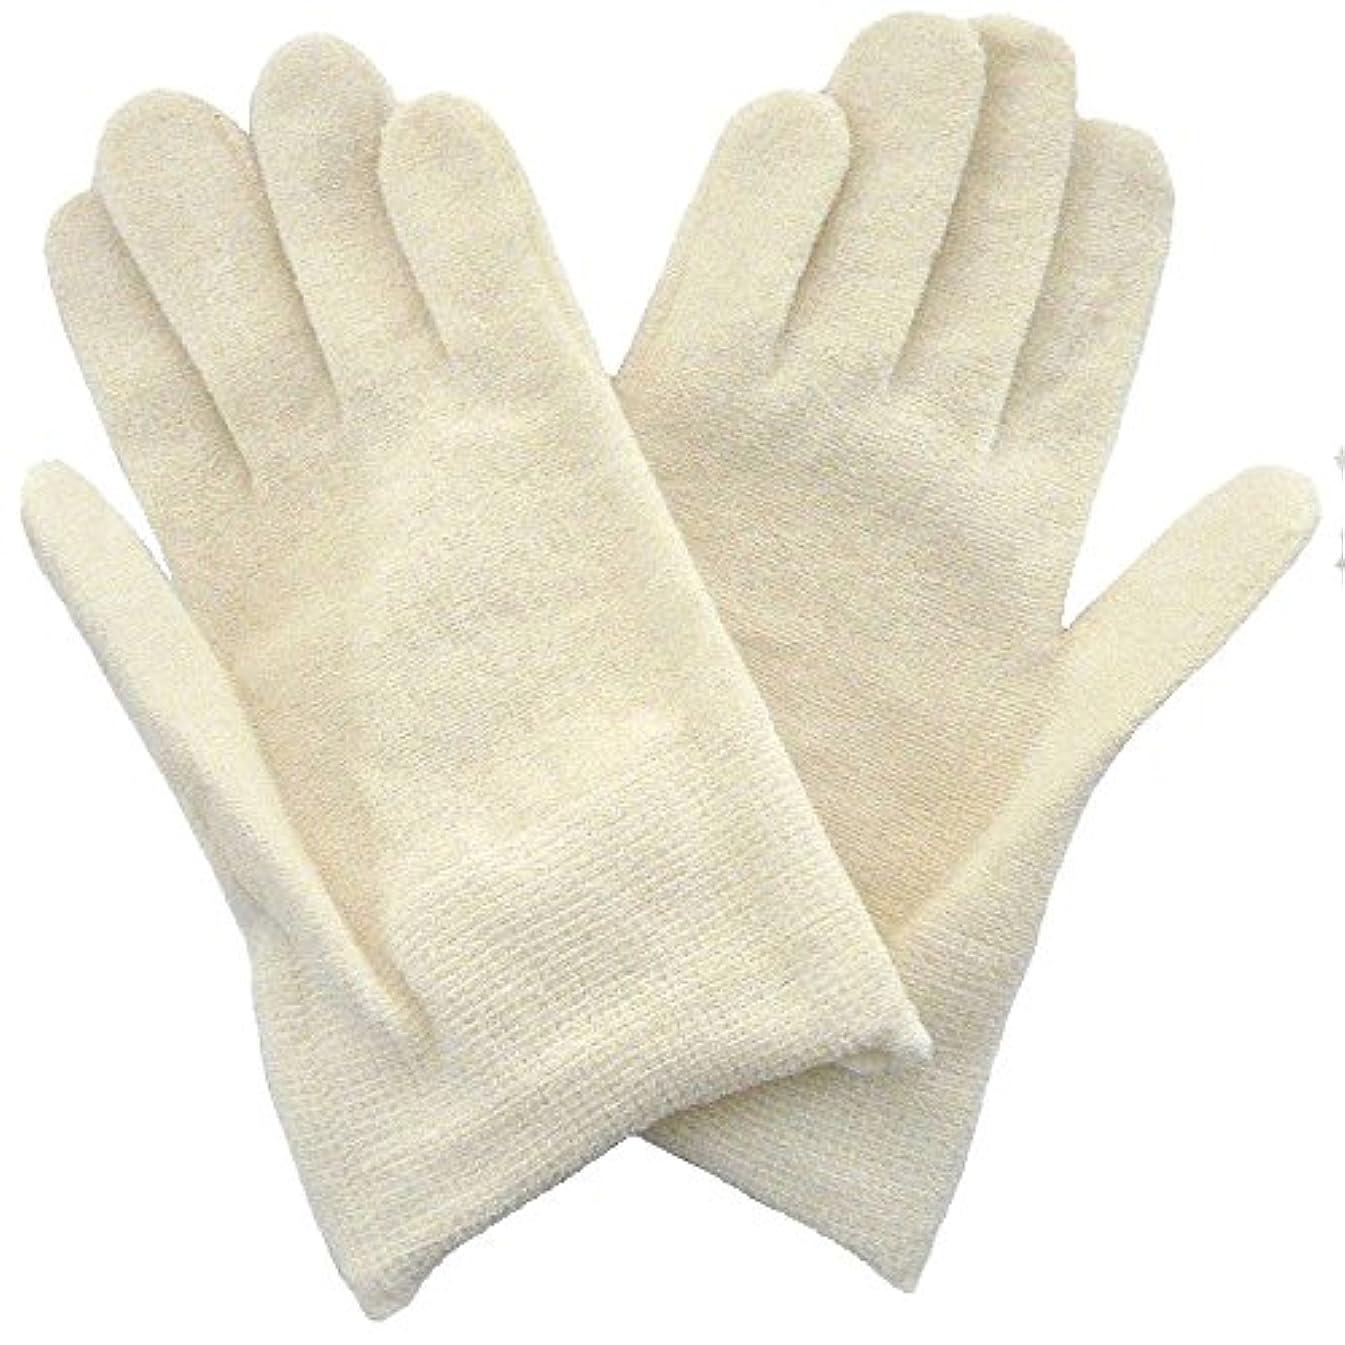 南東徹底病気の【アトピー】【水疱瘡】【皮膚炎】 ナノミックス おやすみ手袋:キッズ用 アイボリー